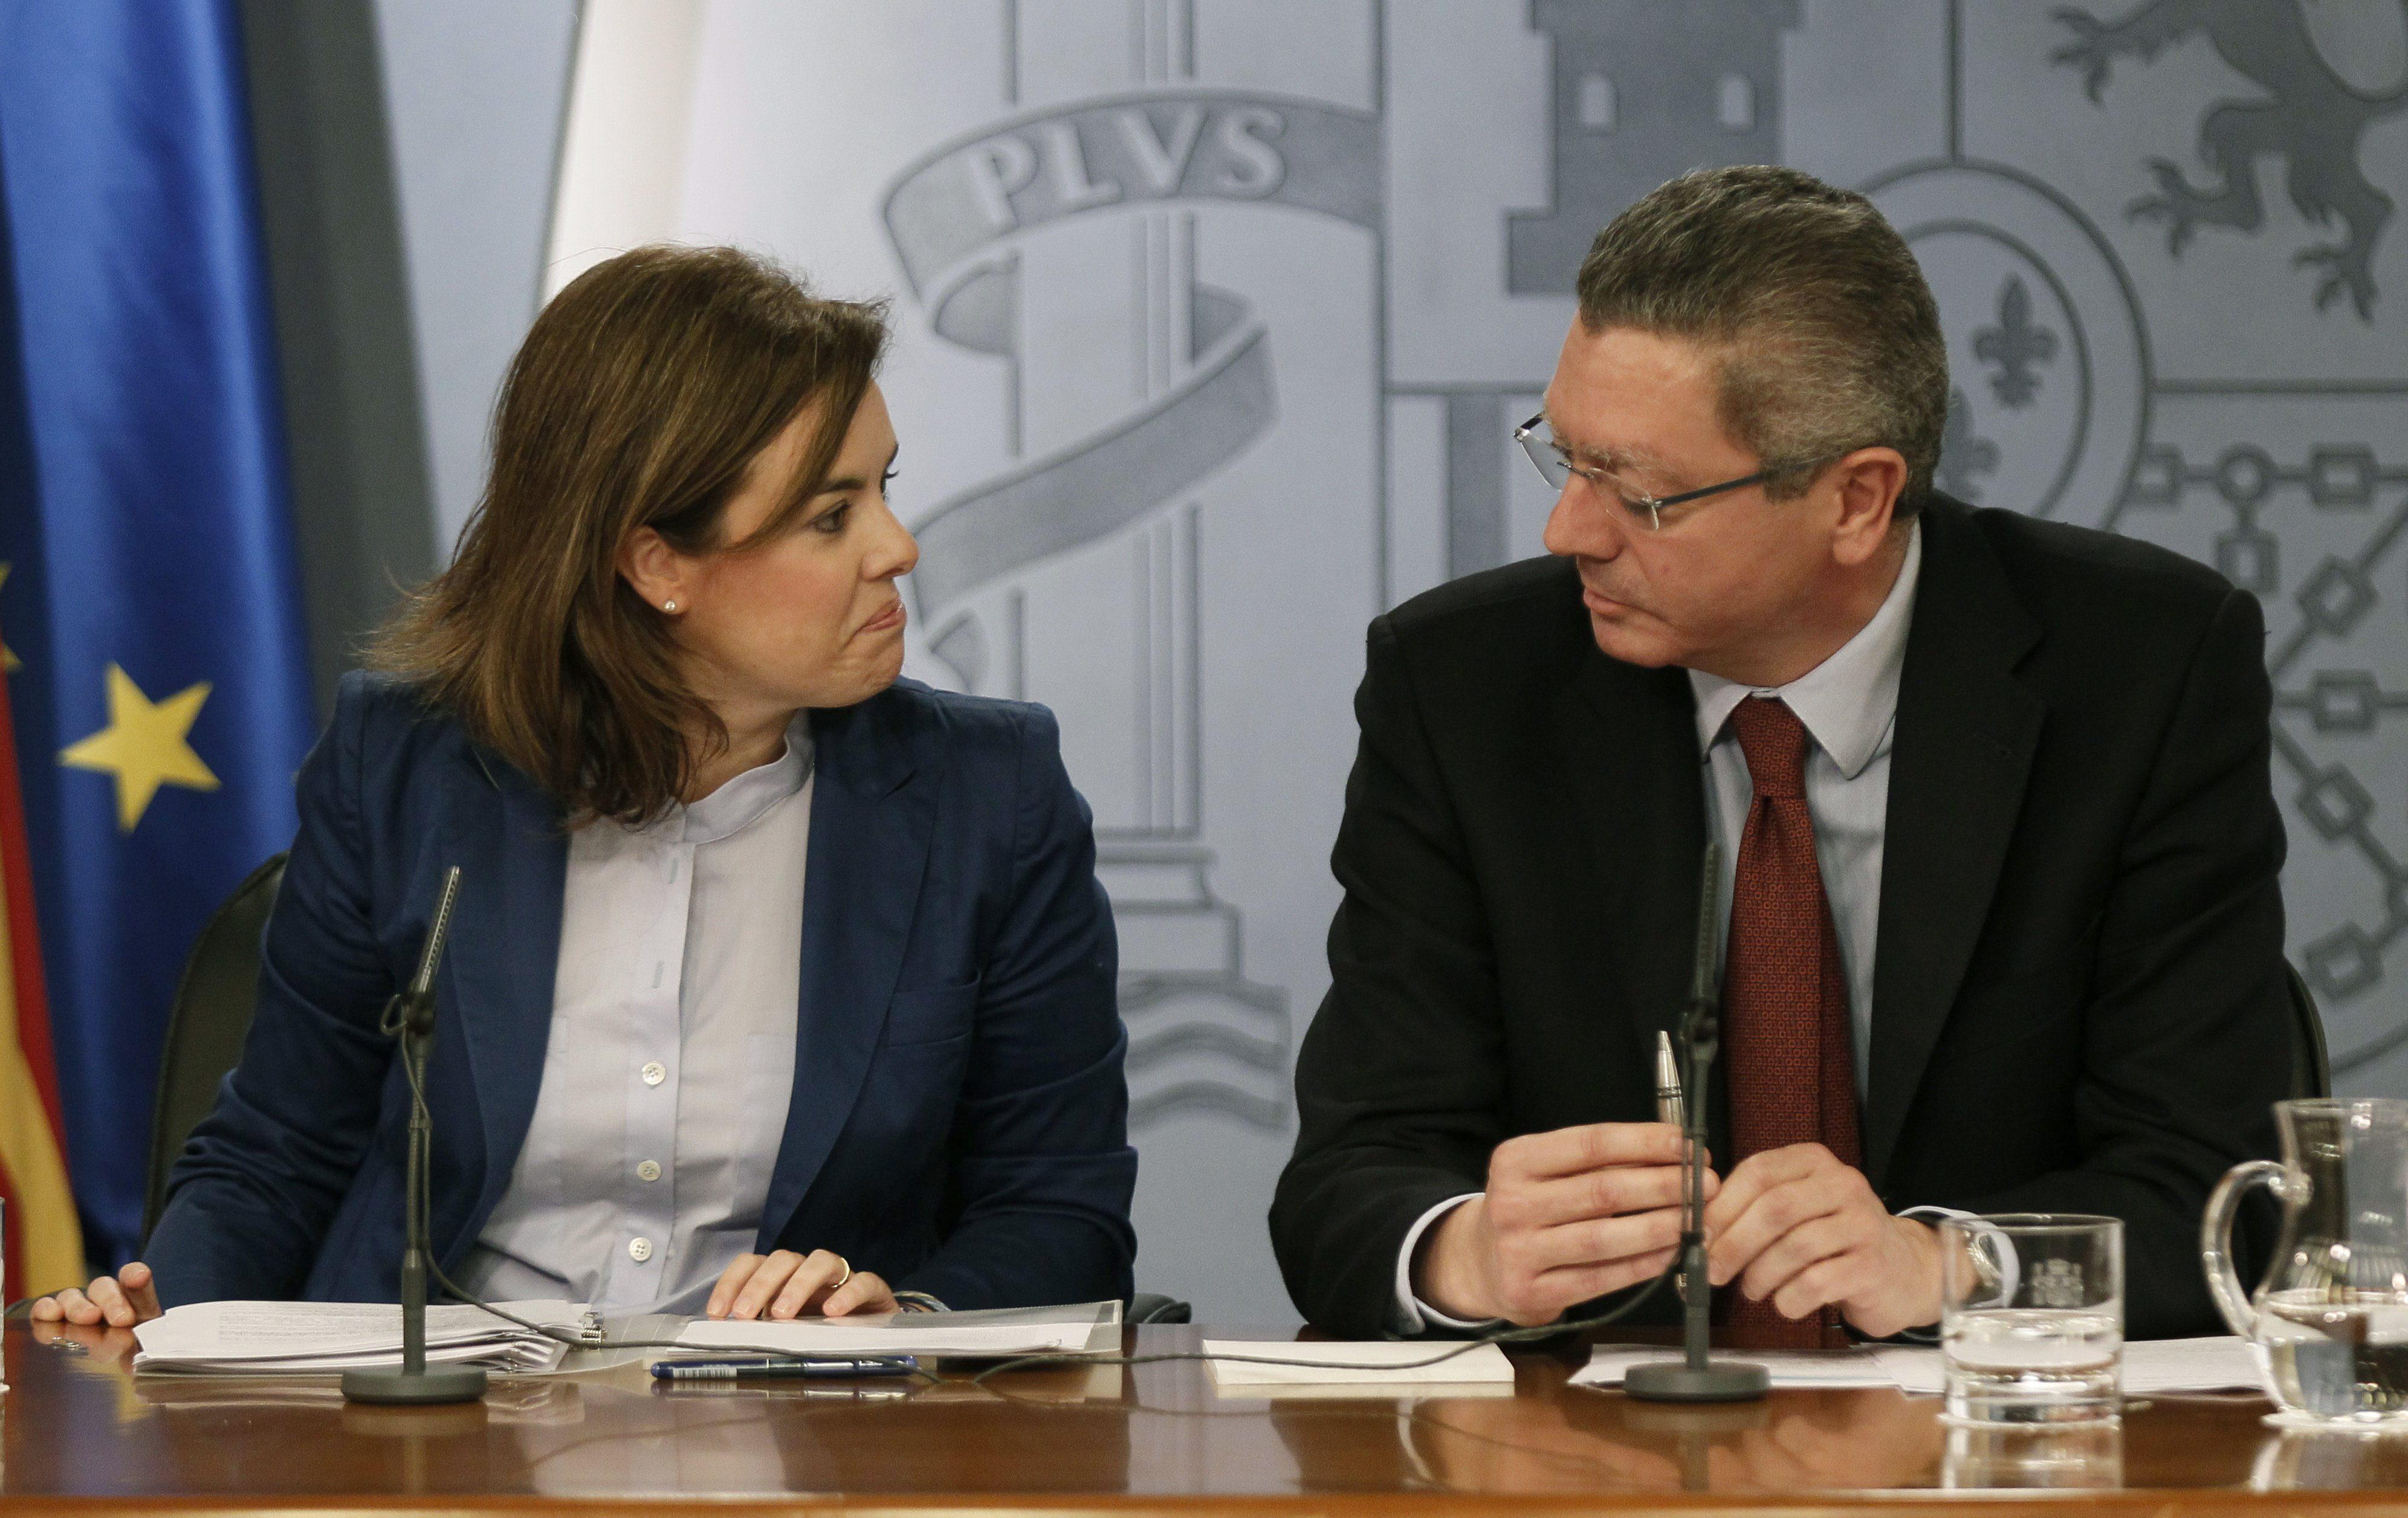 El Gobierno decidirá el miércoles 24 si Rajoy comparece en el Congreso